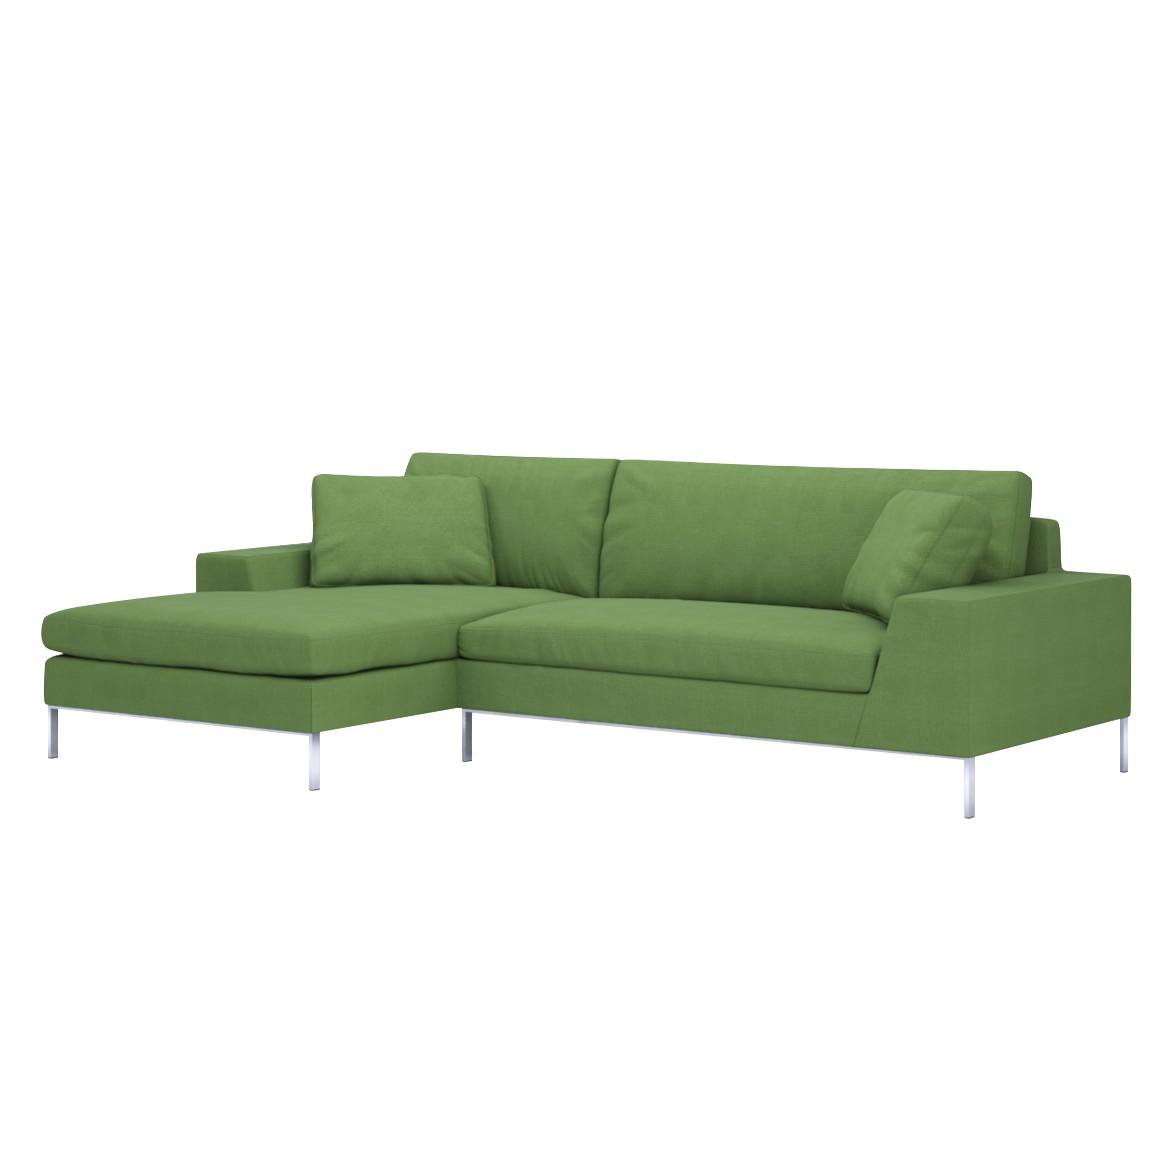 Sofa Helgesen (2-Sitzer) mit Recamière – Longchair/Ottomane davorstehend links – Livø III Pea Green (Hellgruen), Von Wilmowsky jetzt kaufen